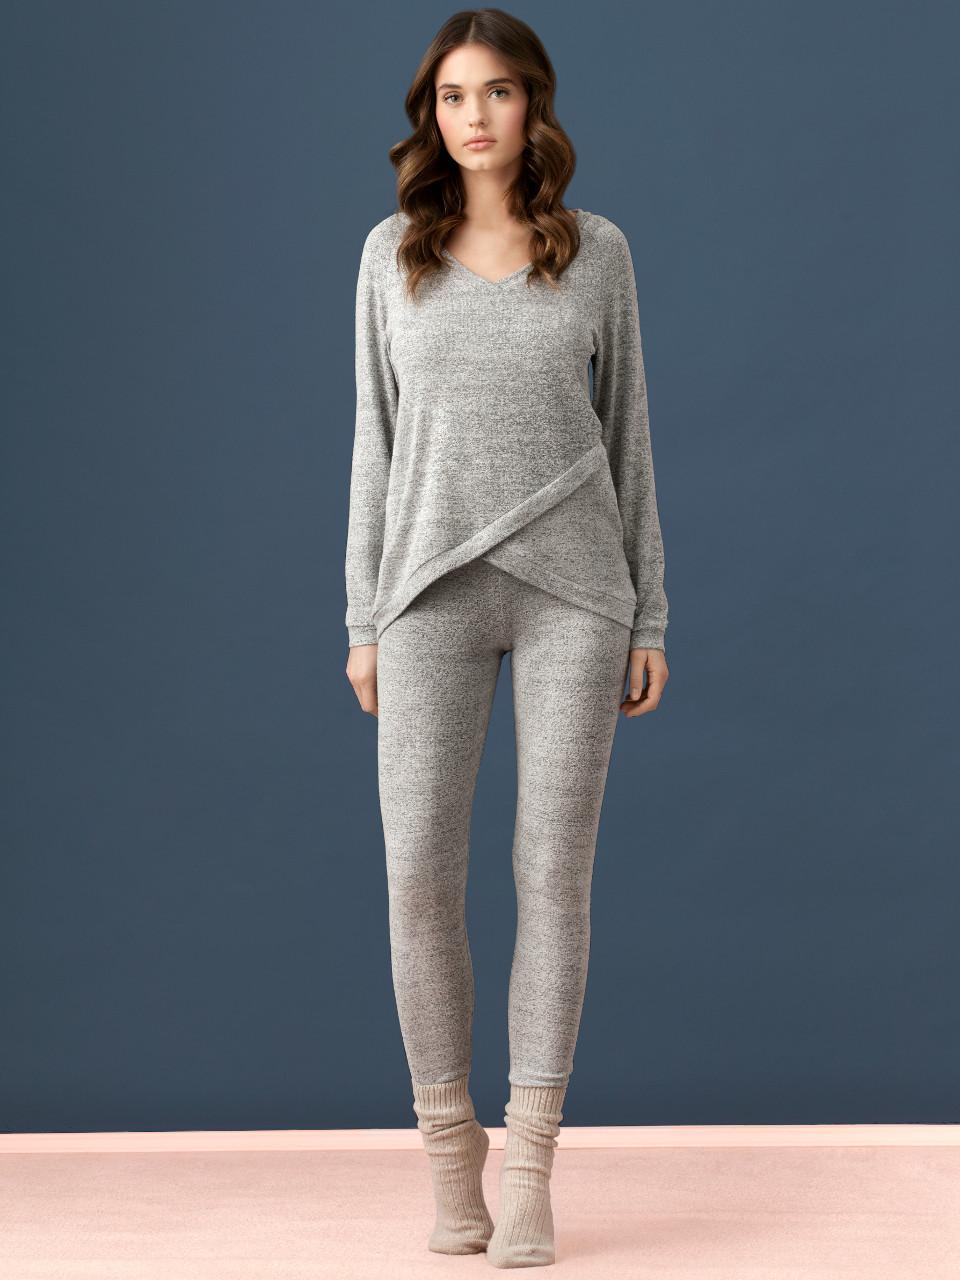 LW014 Maglia<br />14 Grey Melange<br />LW015 Leggings<br />14 Grey Melange